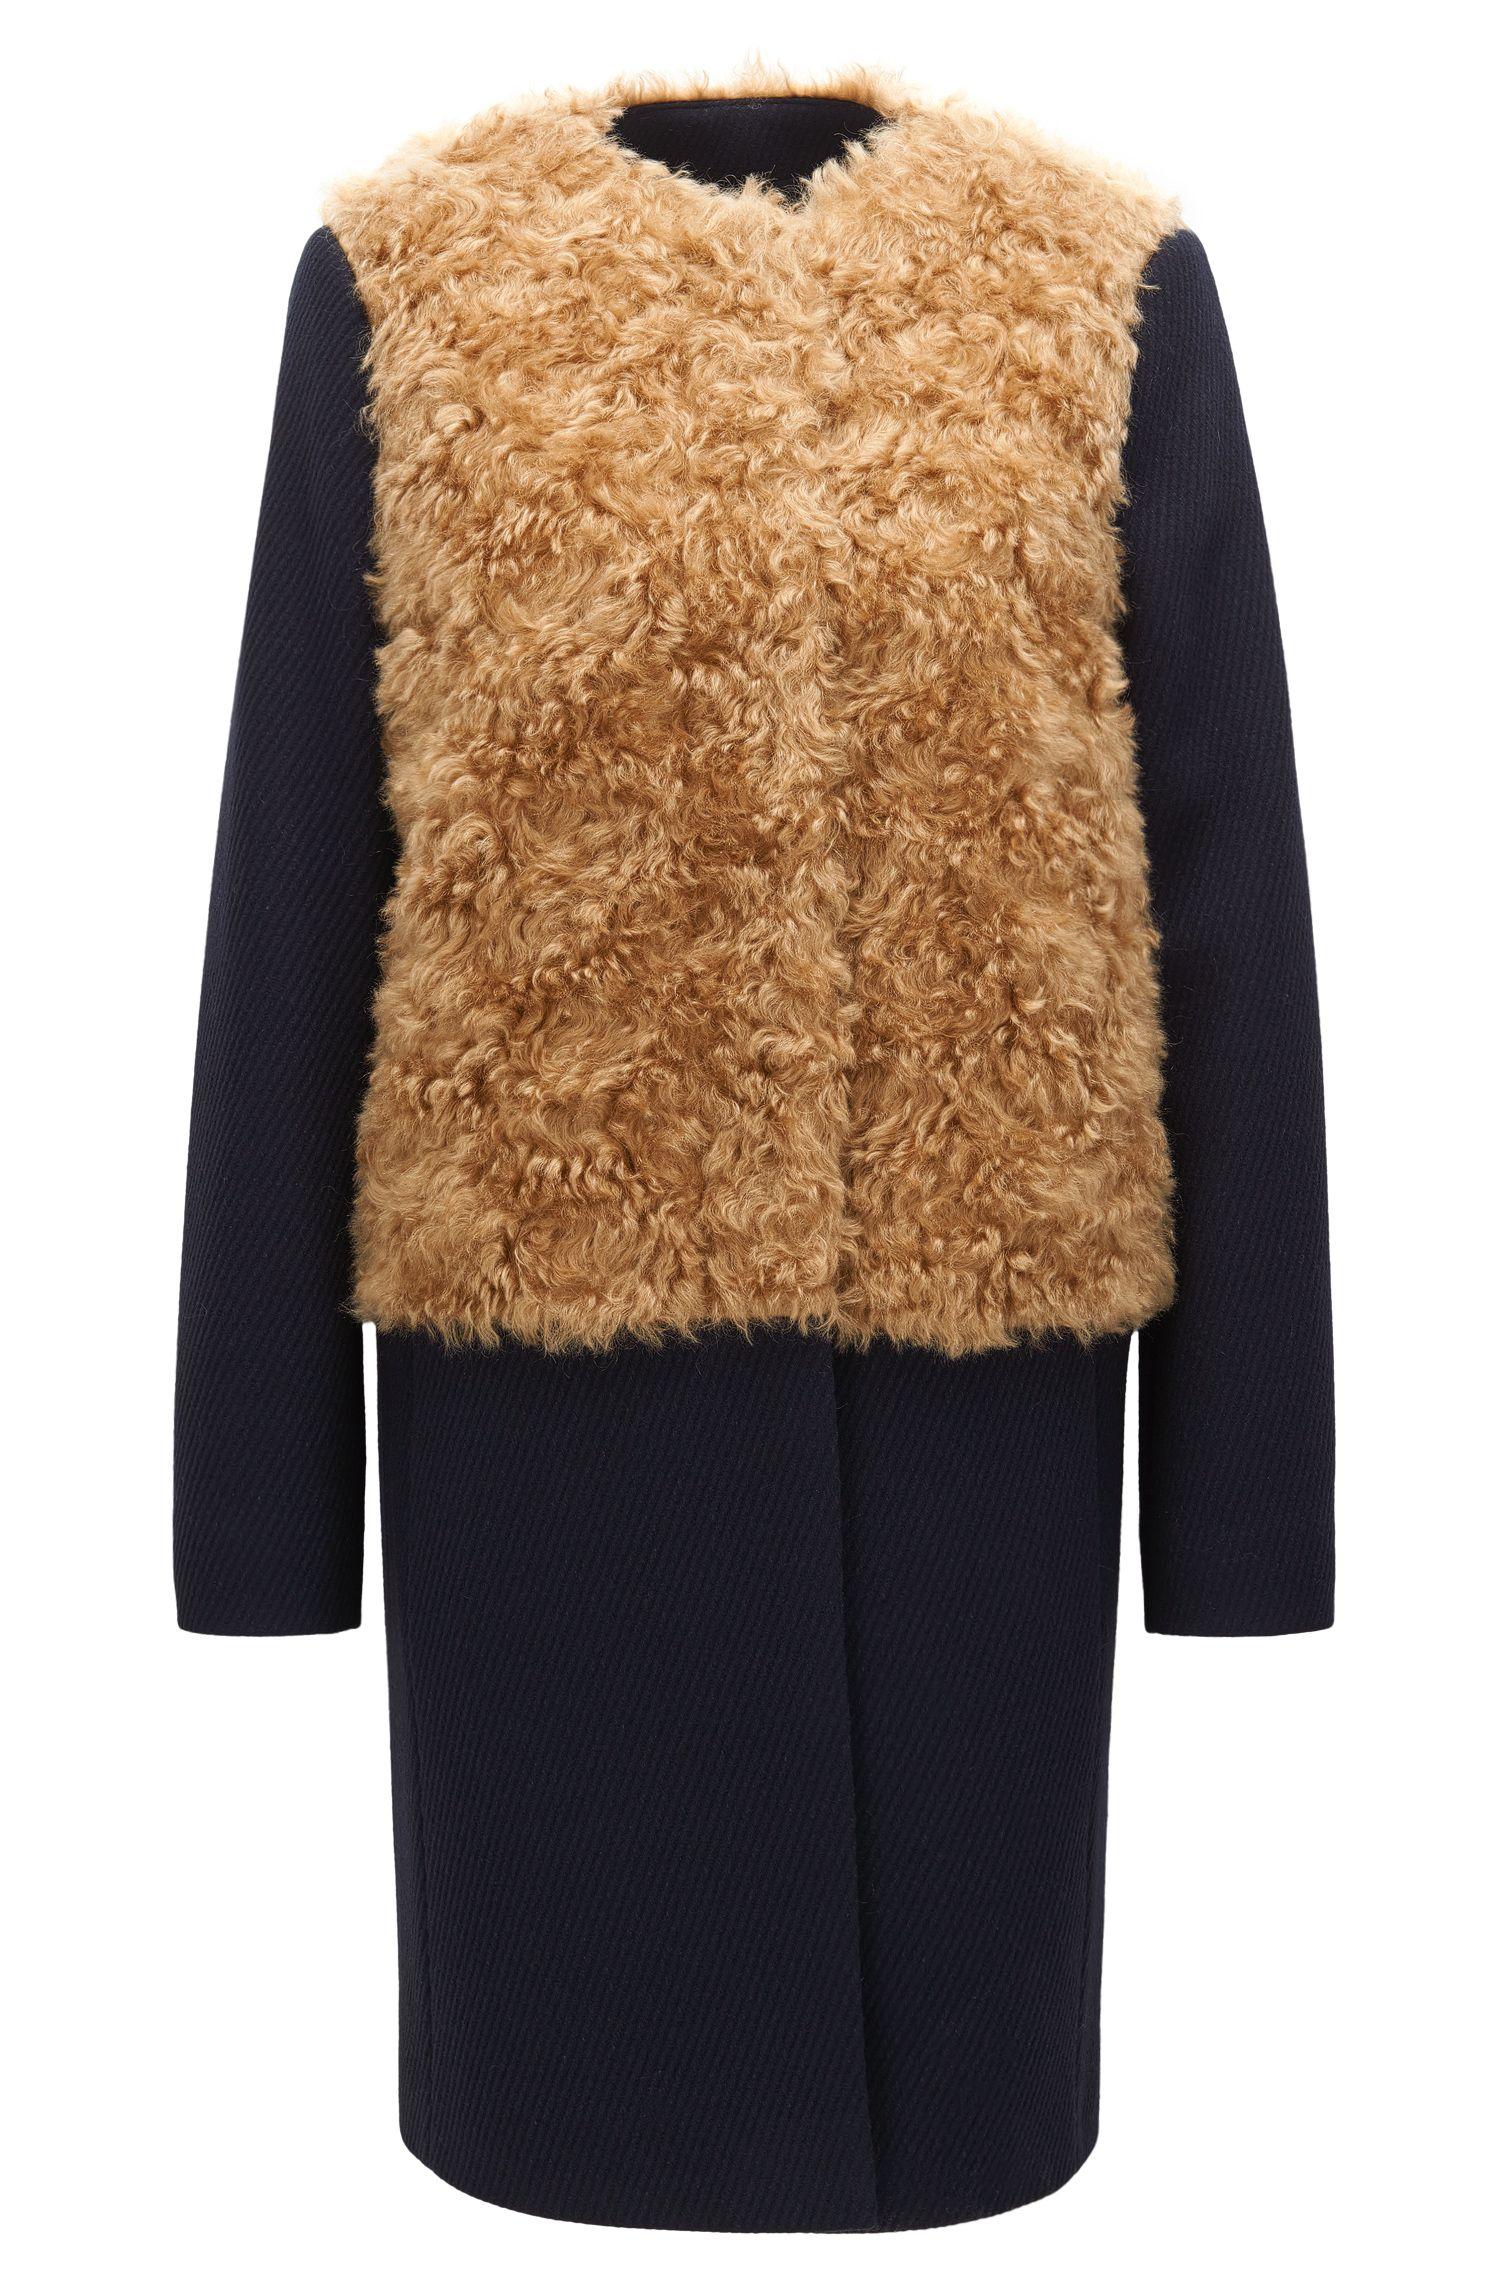 Abrigo moderno relaxed fit en mezcla de lana